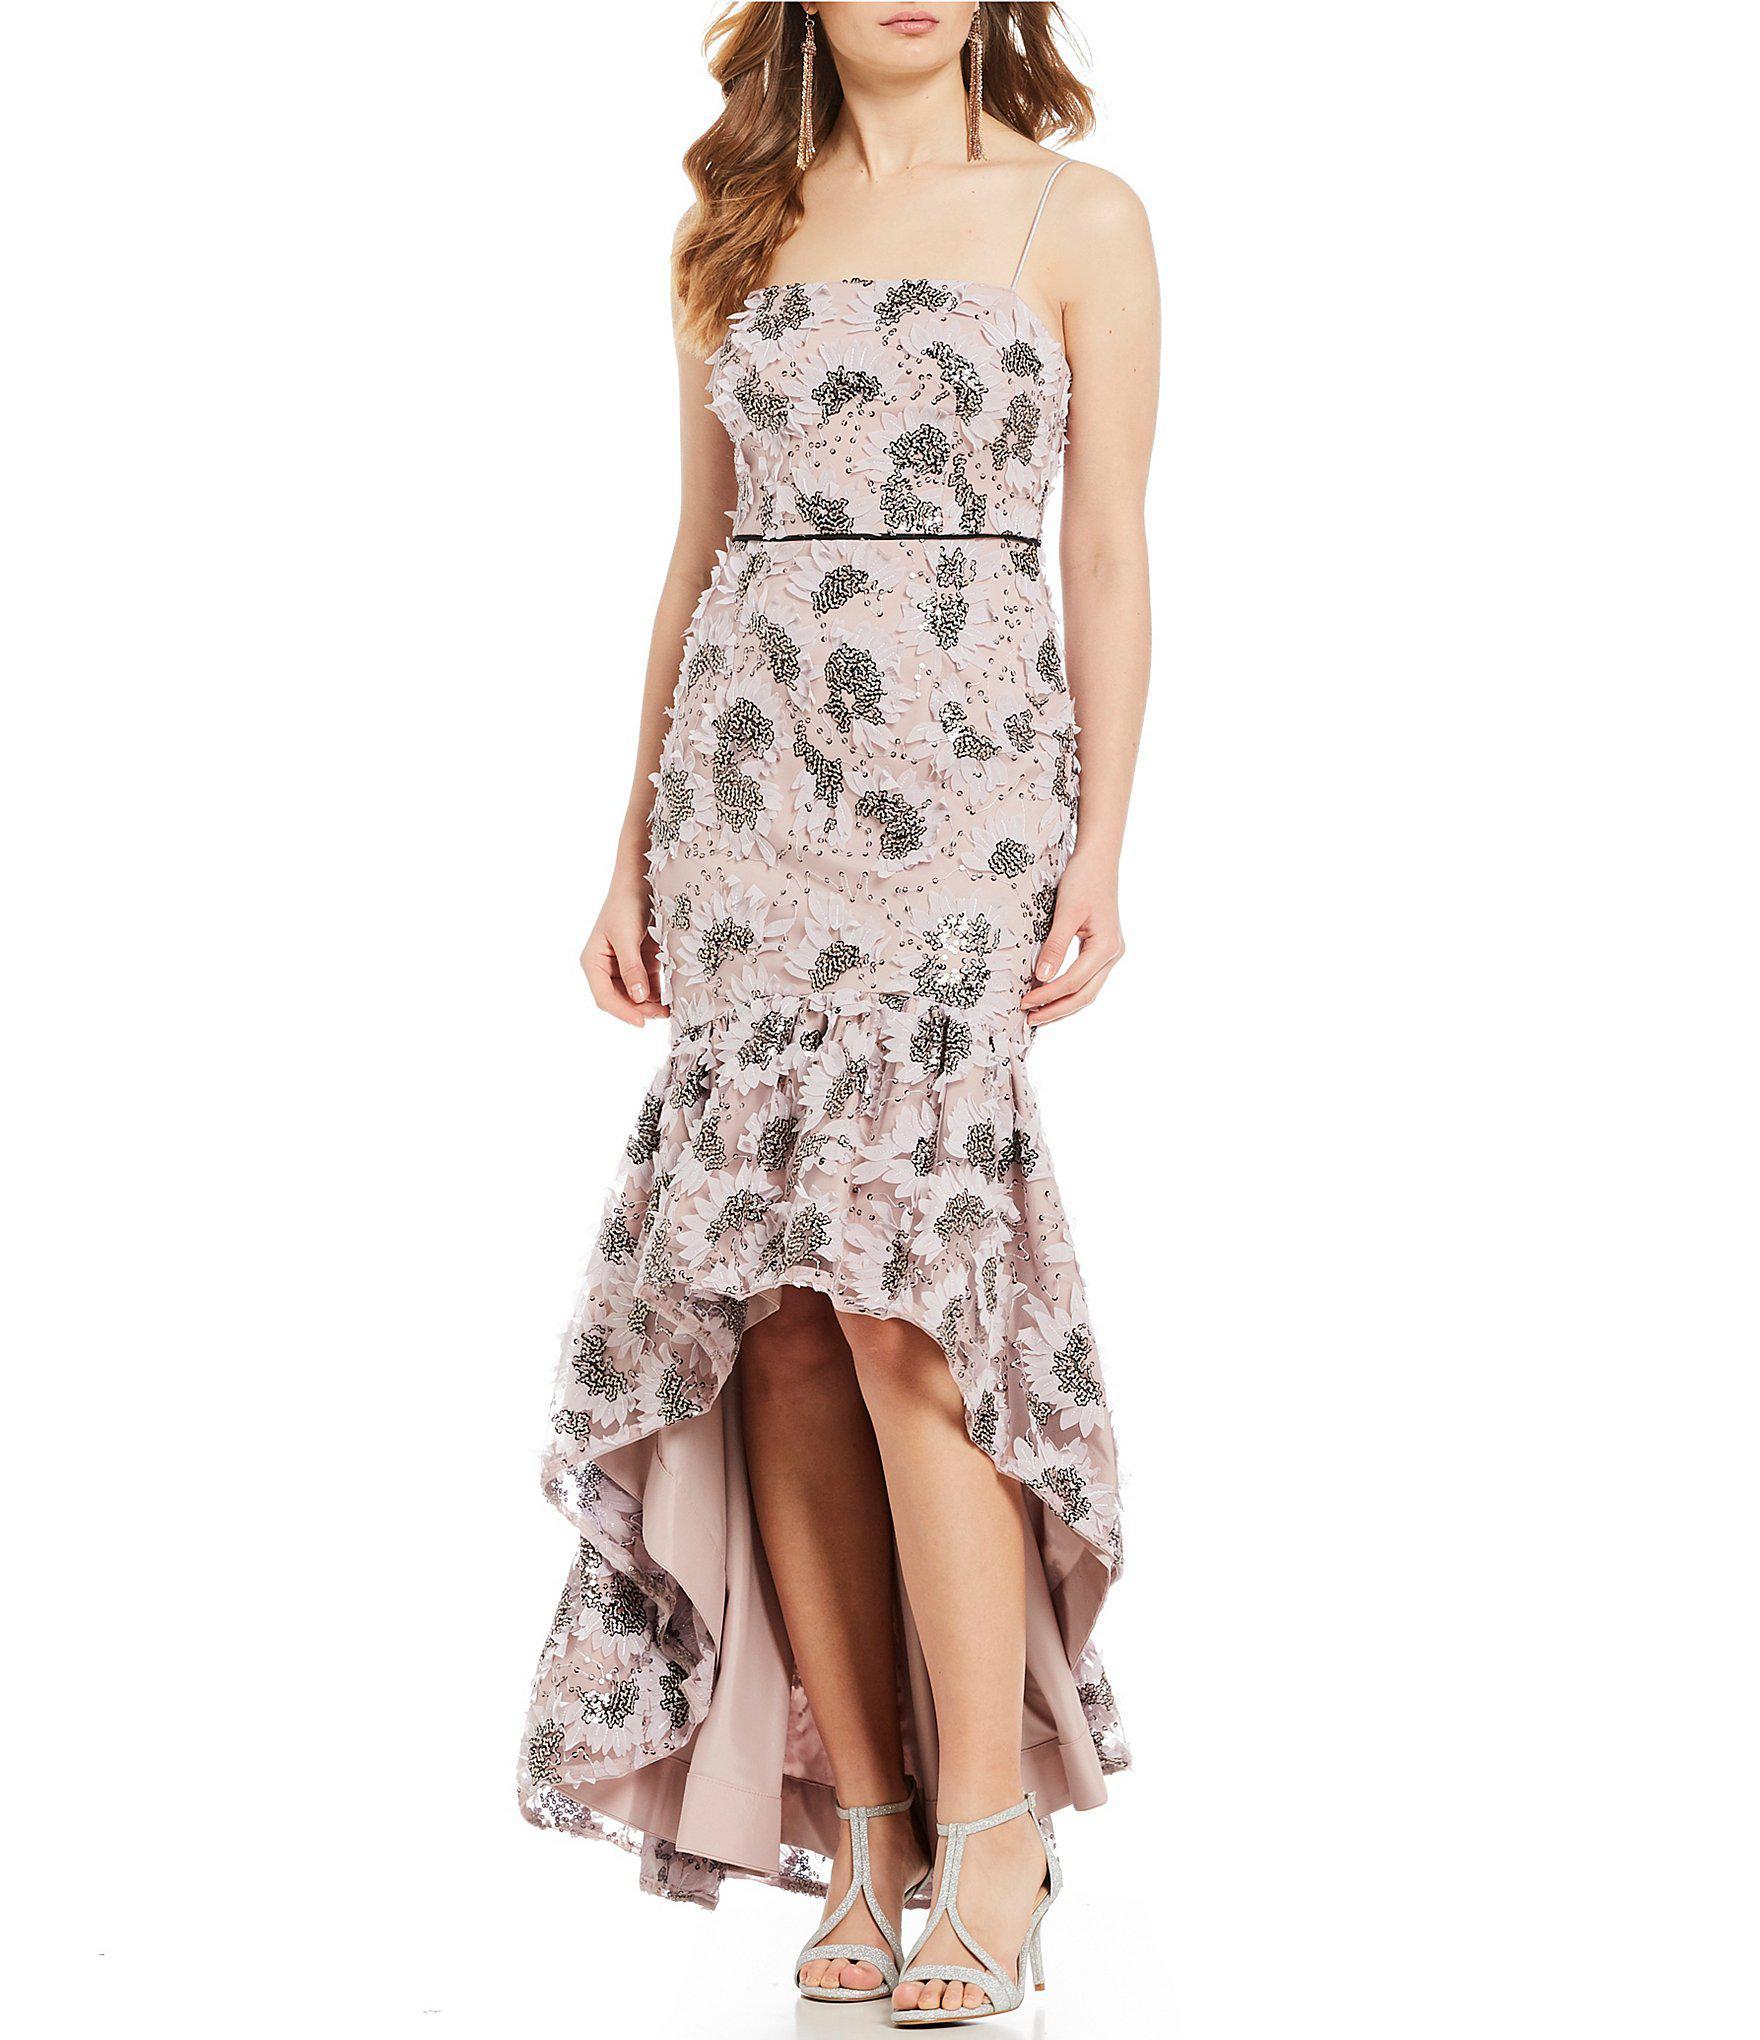 b1307643e Gianni Bini Jessie Floral Print Hi-low Ruffle Hem Dress - Lyst